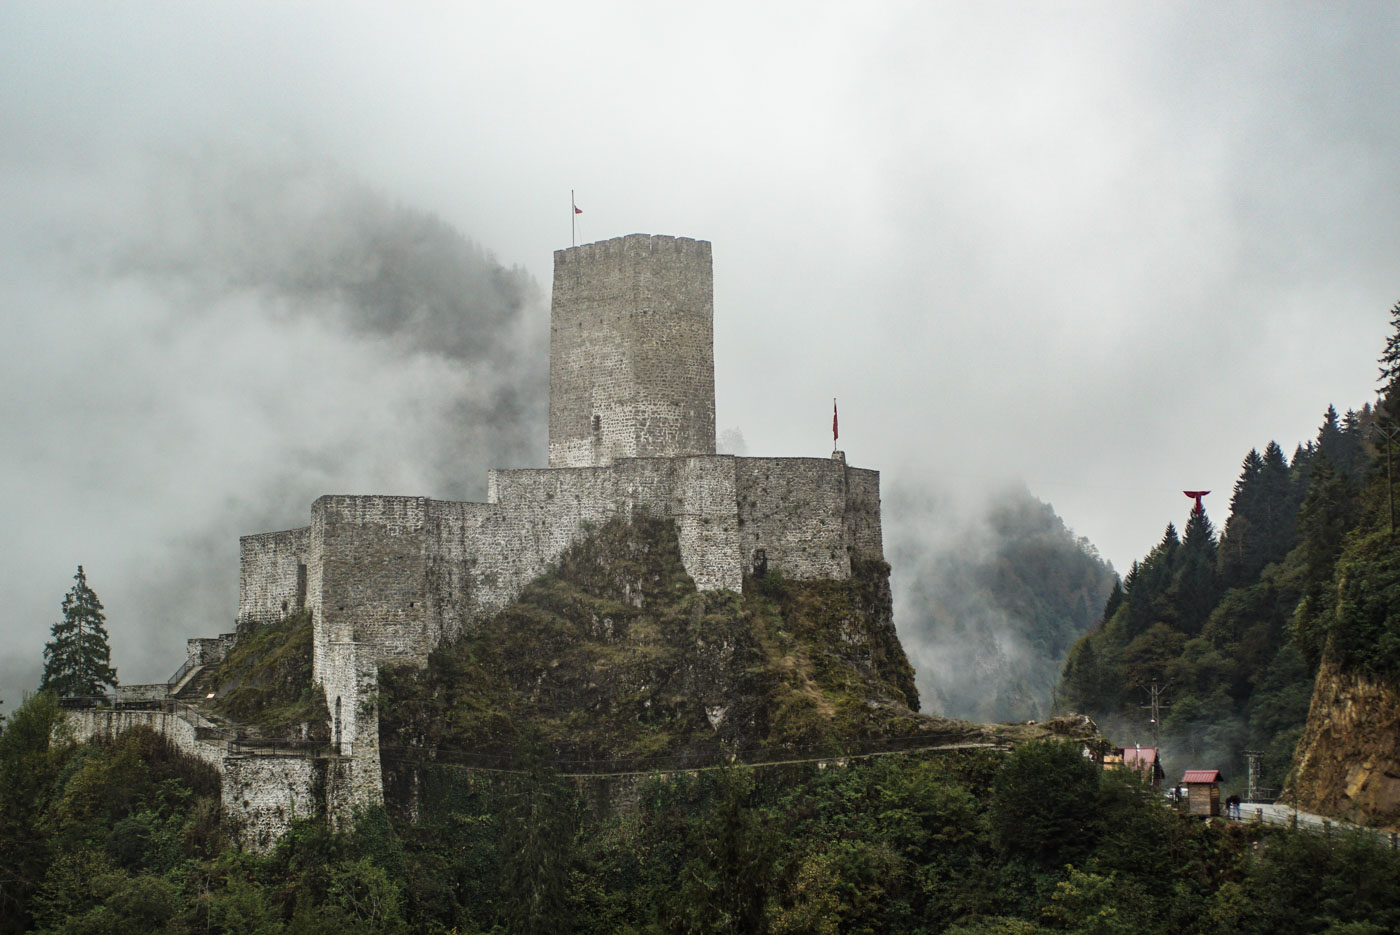 Zu sehen ist eine mittelalterliche Burg die sich auf einen Felsgrat festhält. Der Bergfried erhebt sich meterweise in die Höhe der Hintergrund ist wolkenverhangen und vereinzelt ist der gegenüberliegende Berghang zu erkennen.